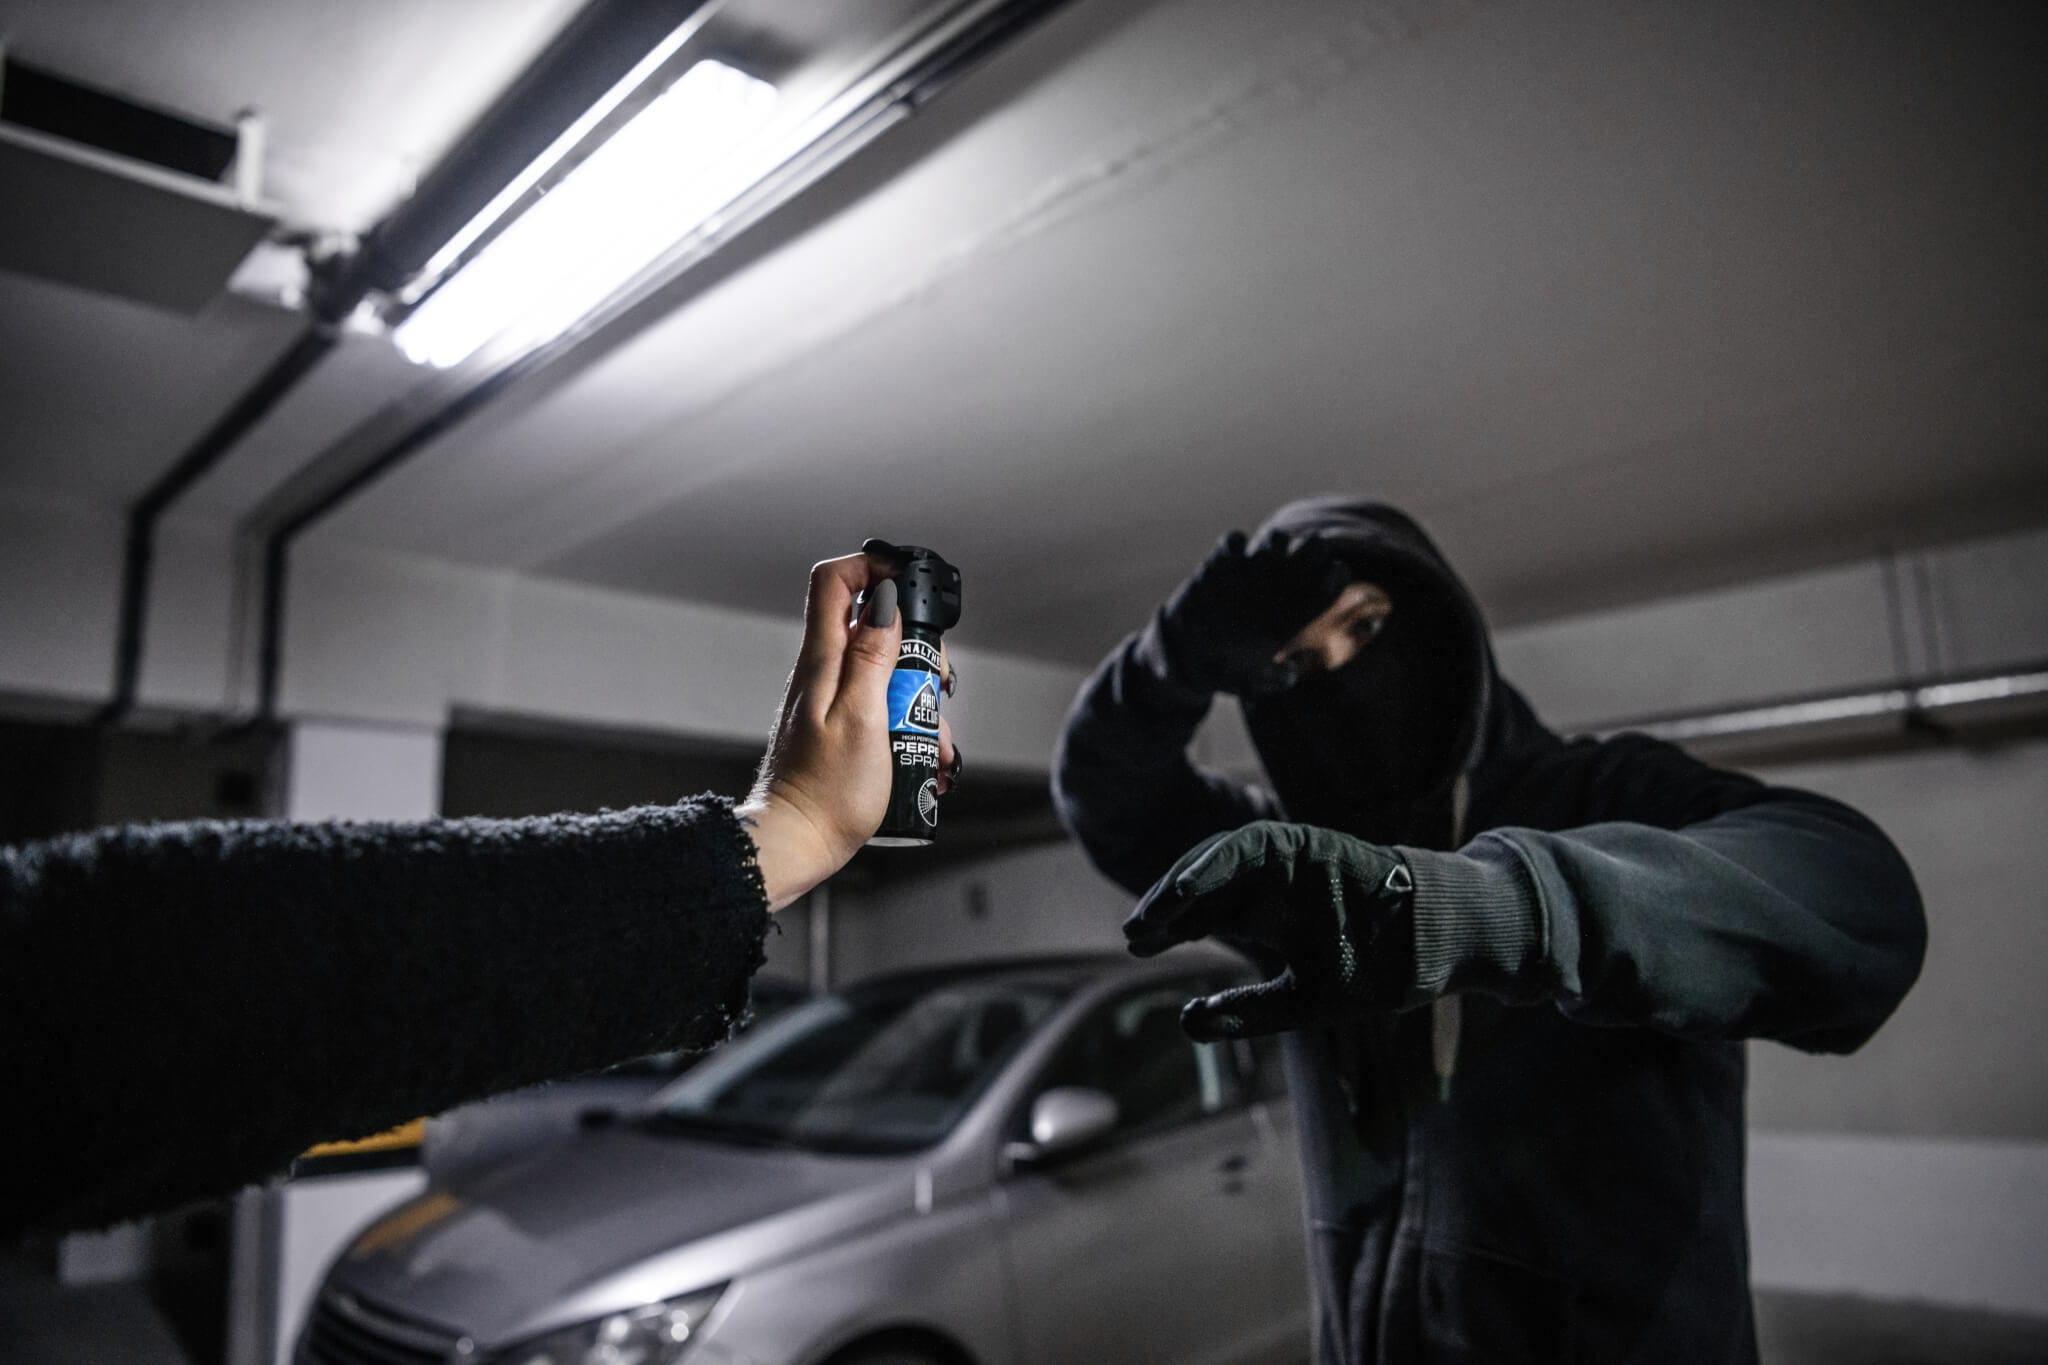 Prawo a użycie gazu do samoobrony